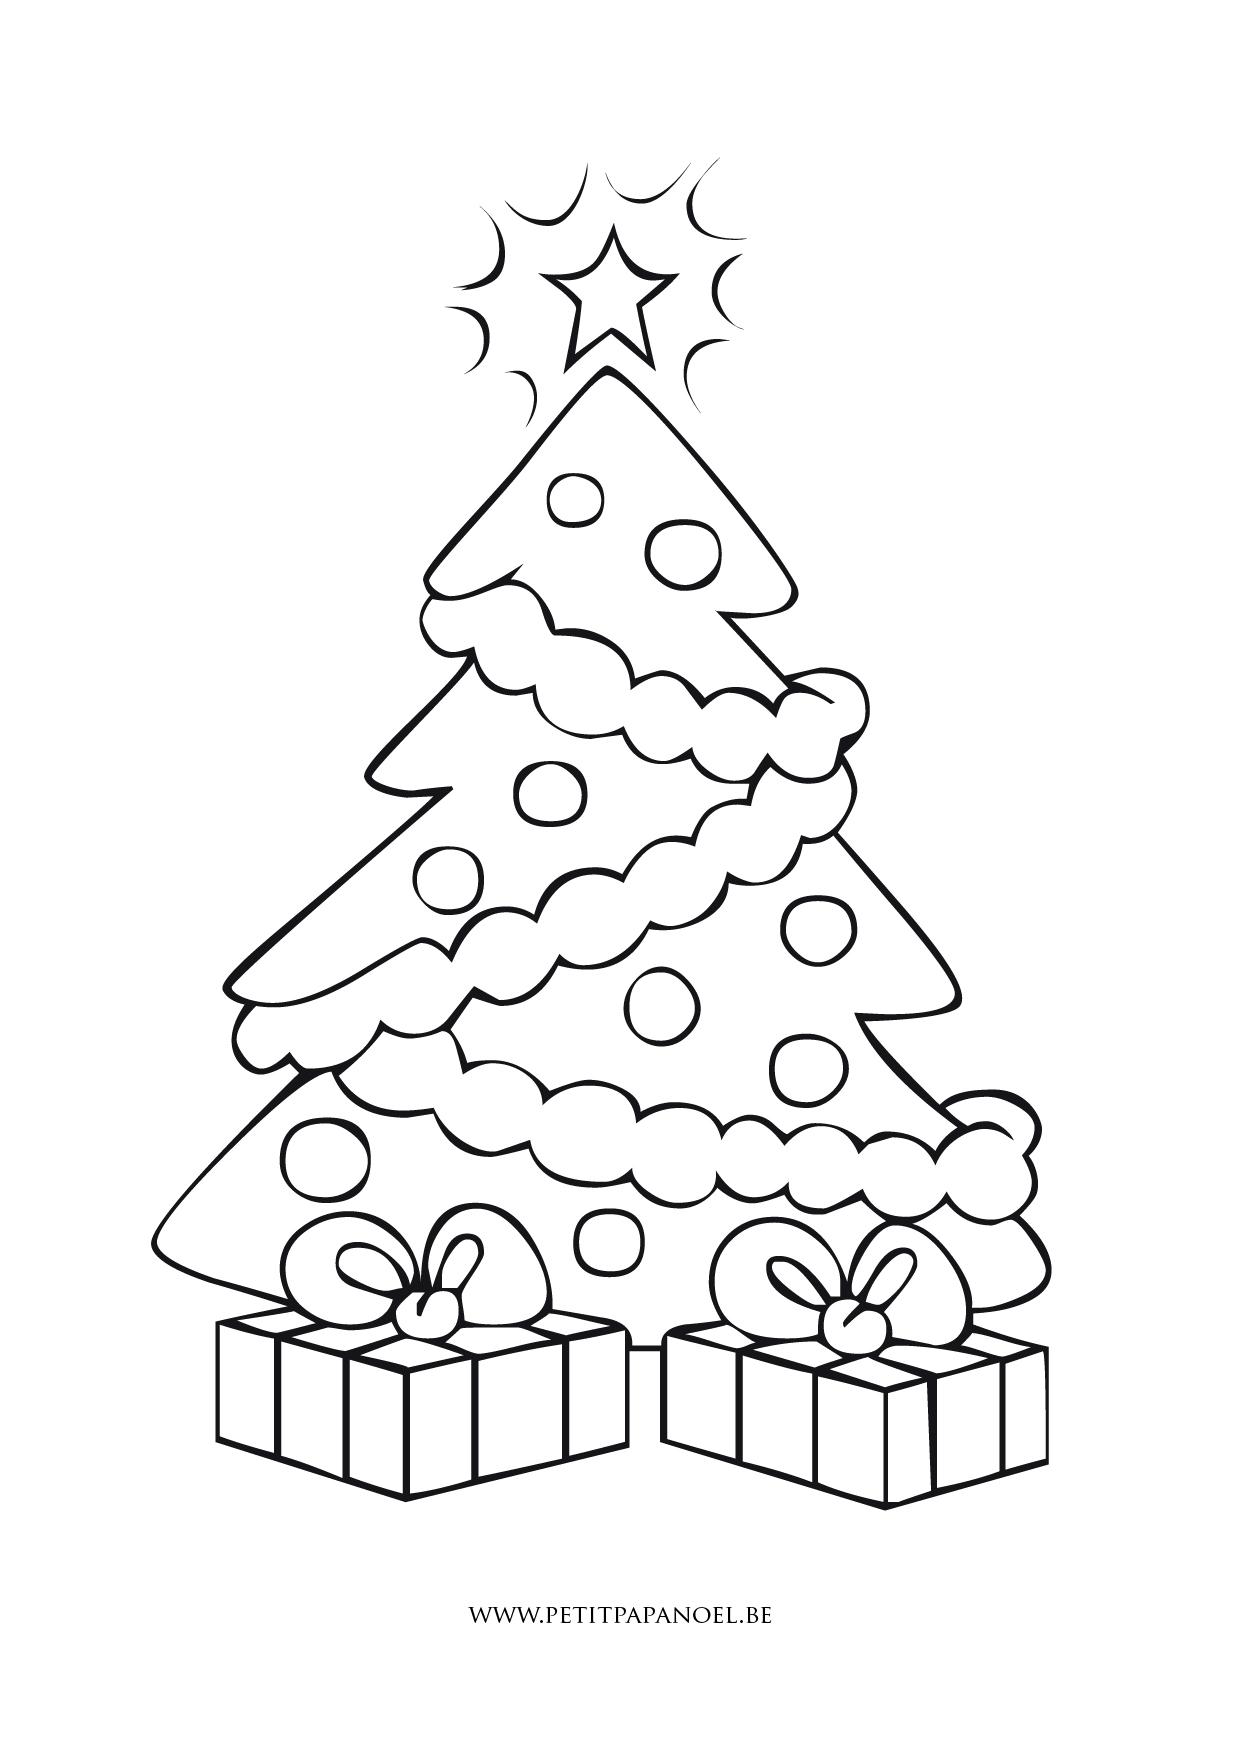 Sapin De Noël #39 (Objets) – Coloriages À Imprimer destiné Coloriage De Sapin De Noel A Imprimer Gratuit